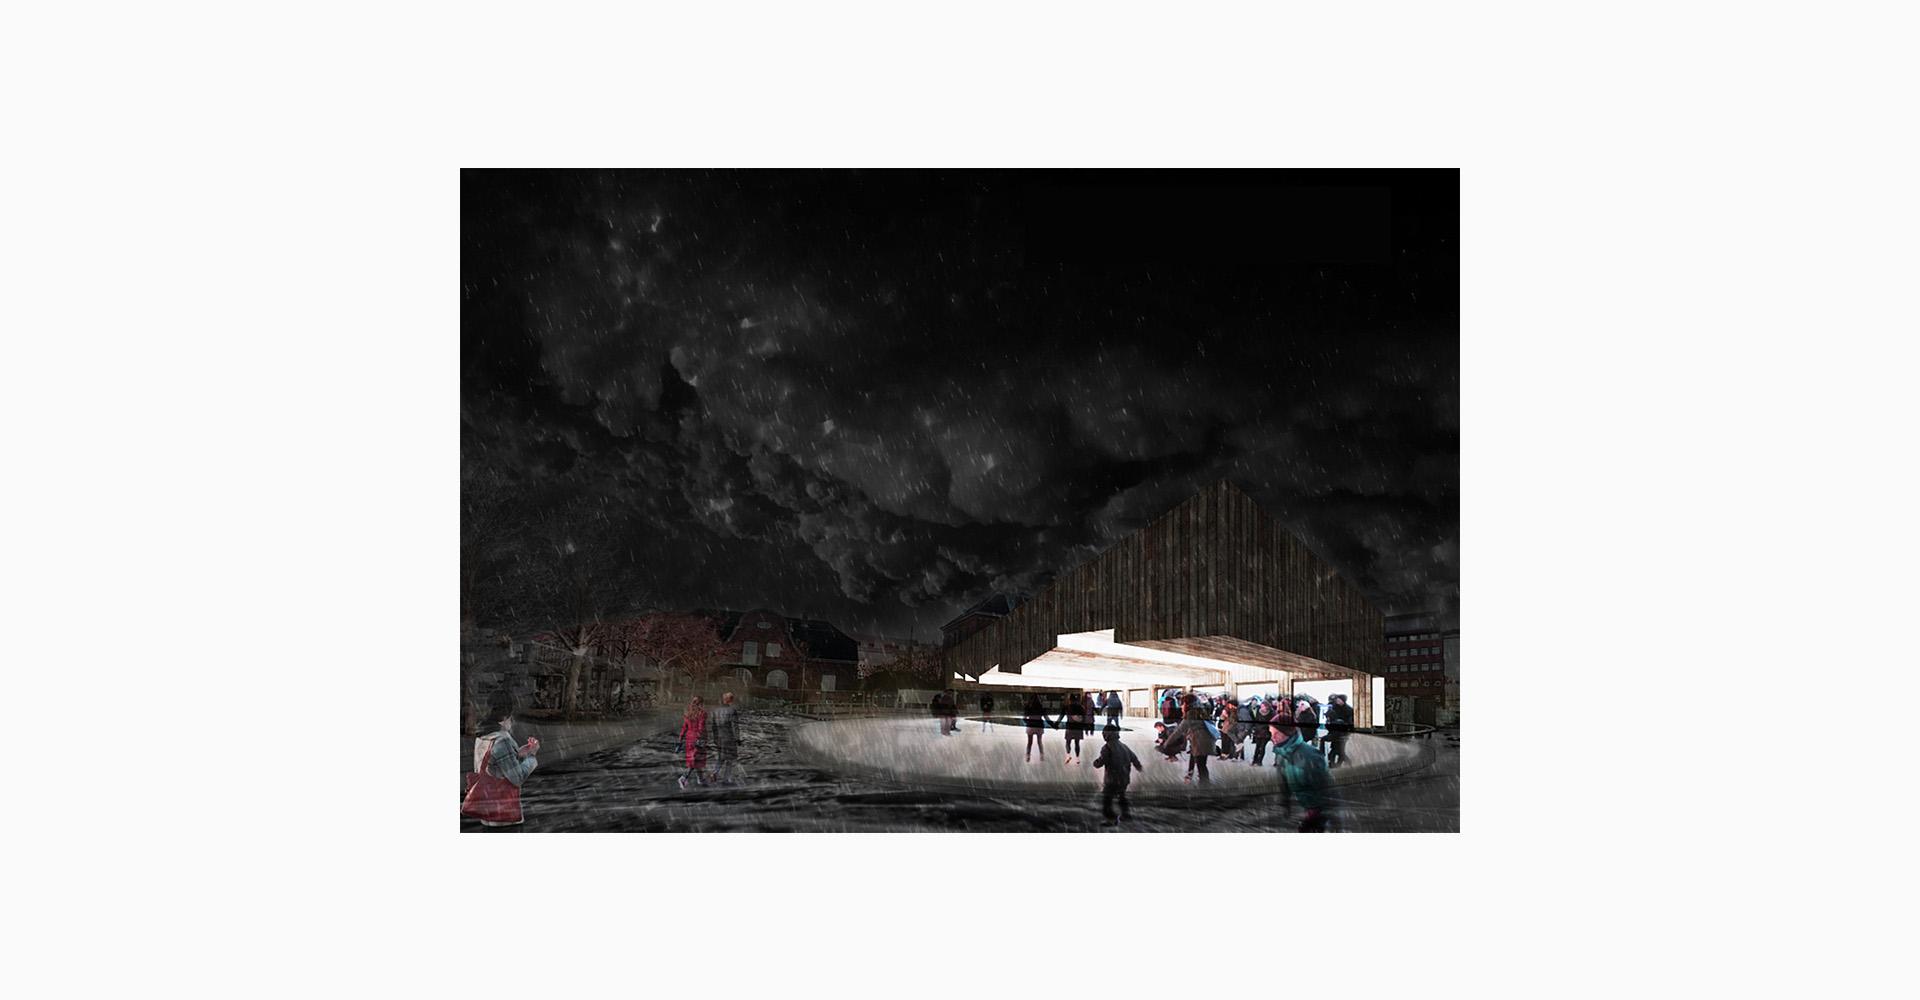 Winter Light 2 - progetto di architettura degli spazi pubblici